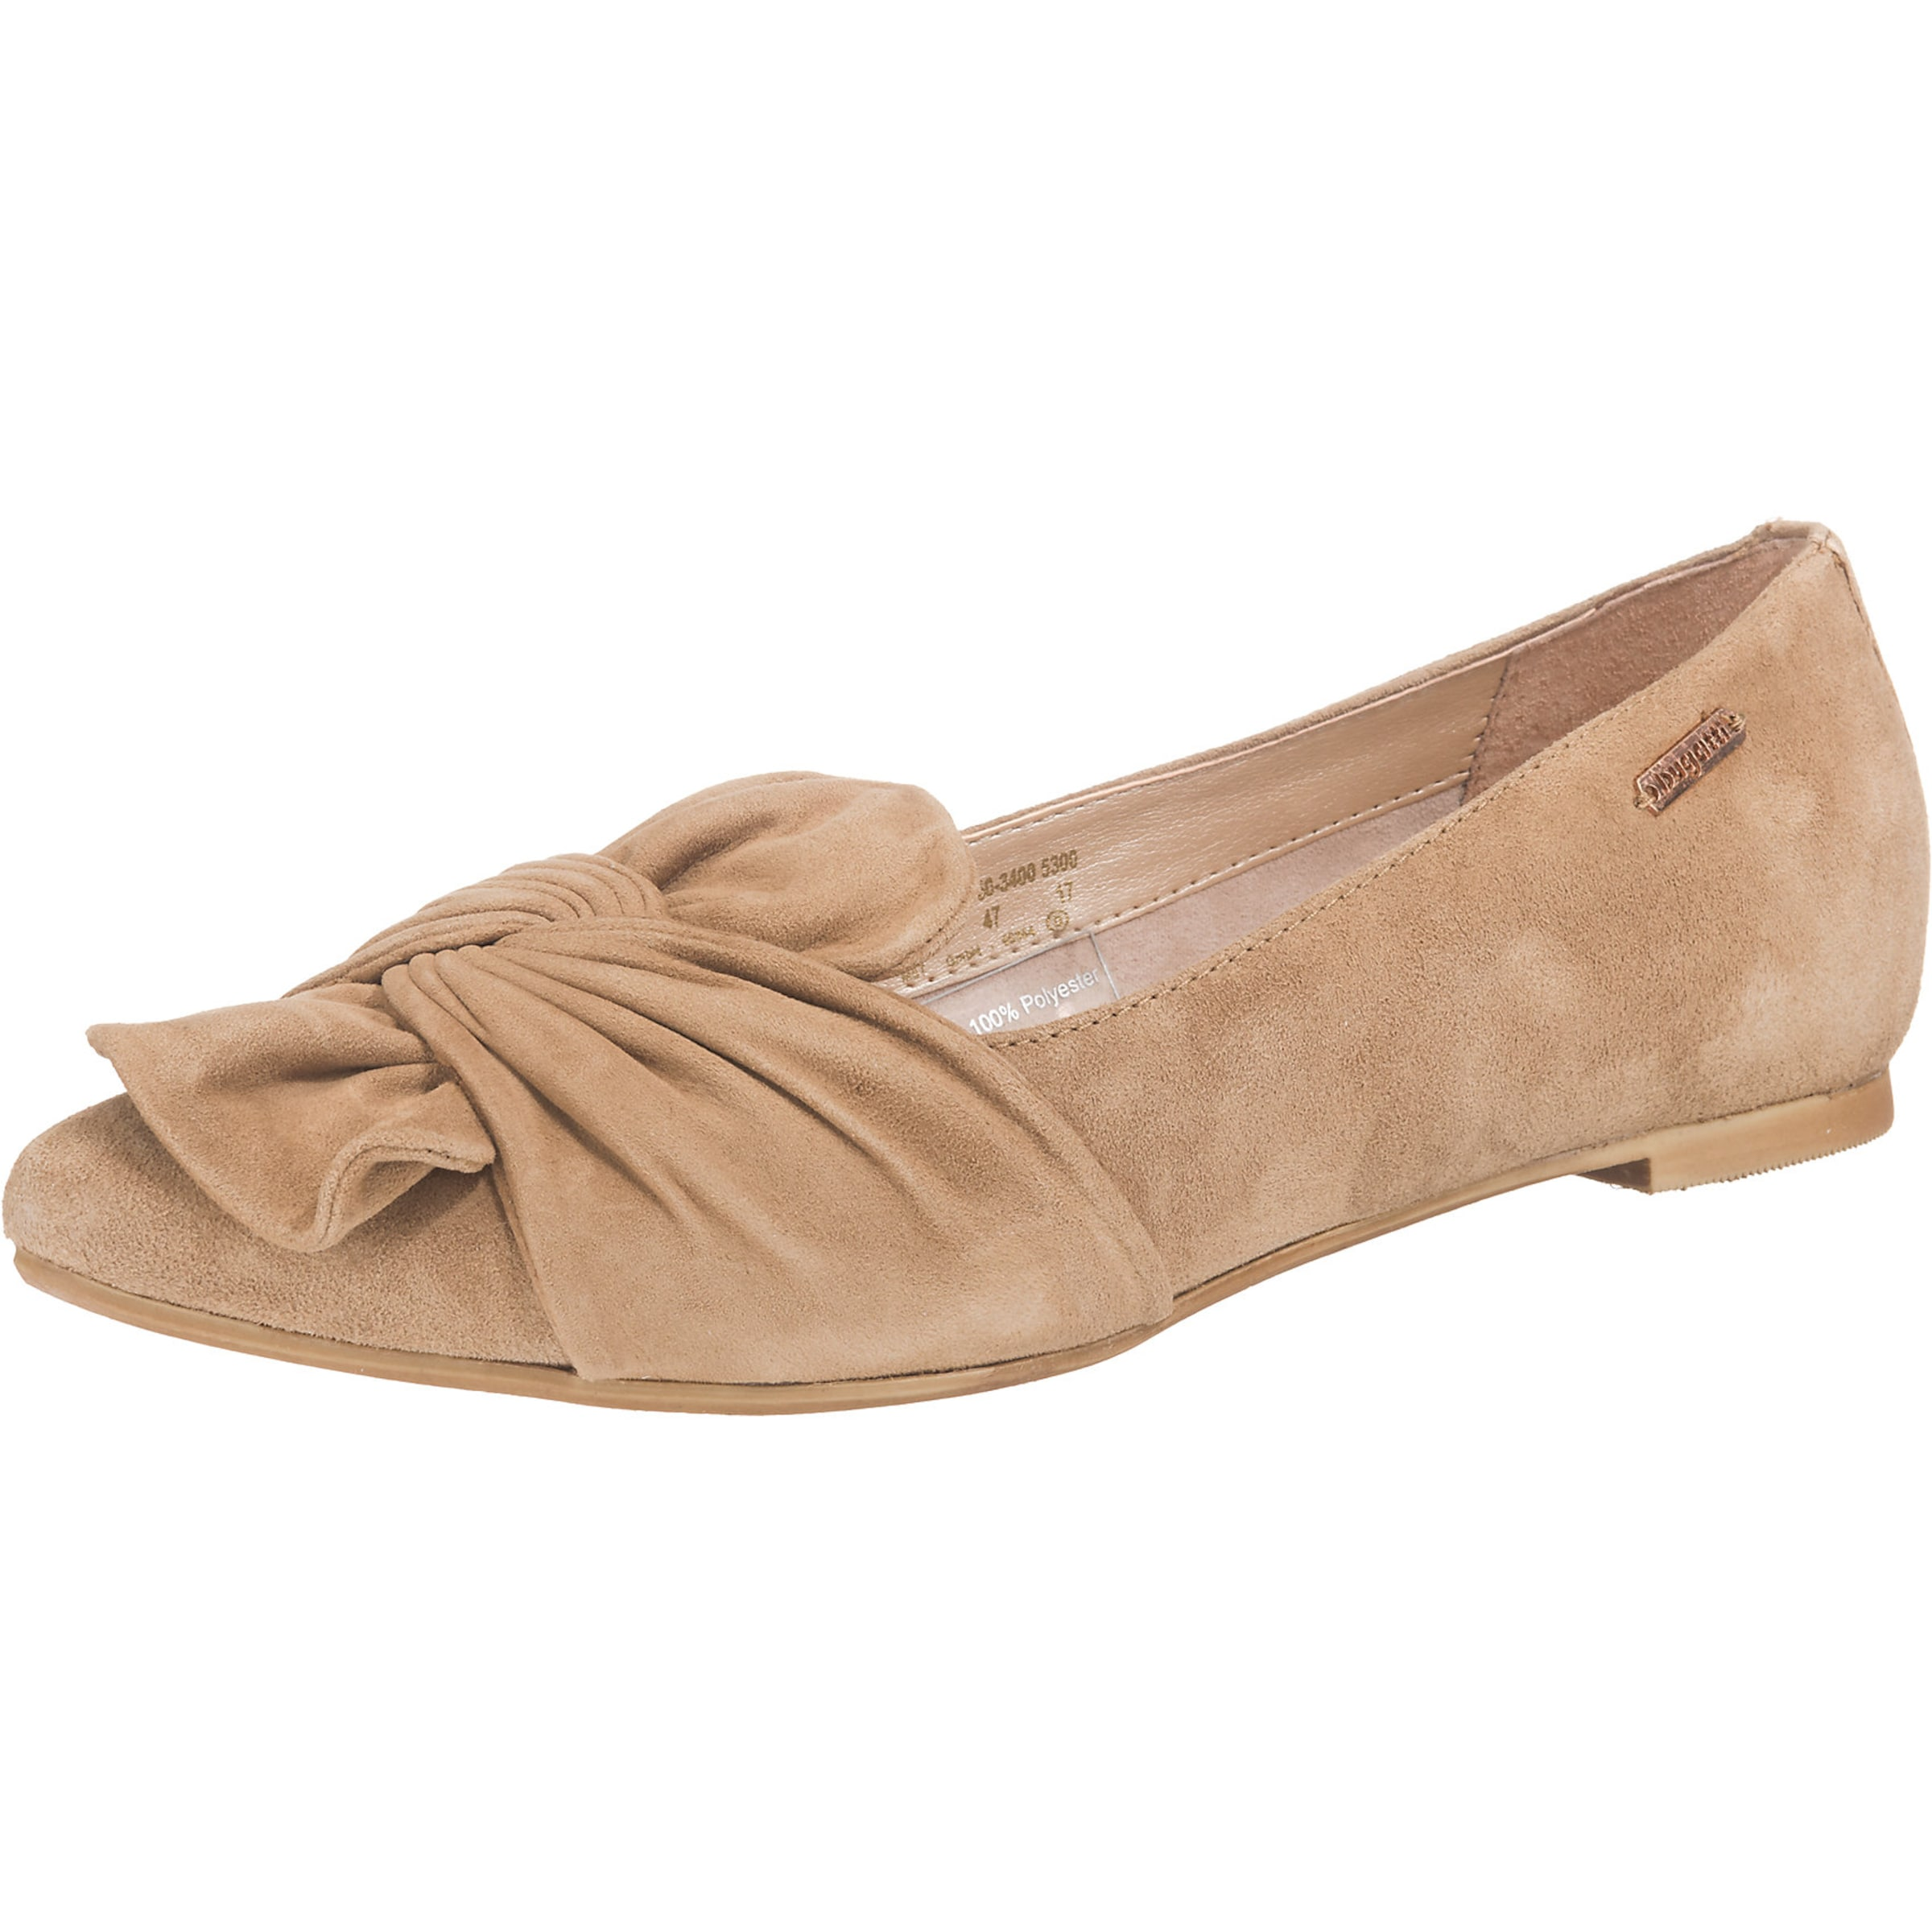 bugatti Ballerinas Günstige und langlebige Schuhe